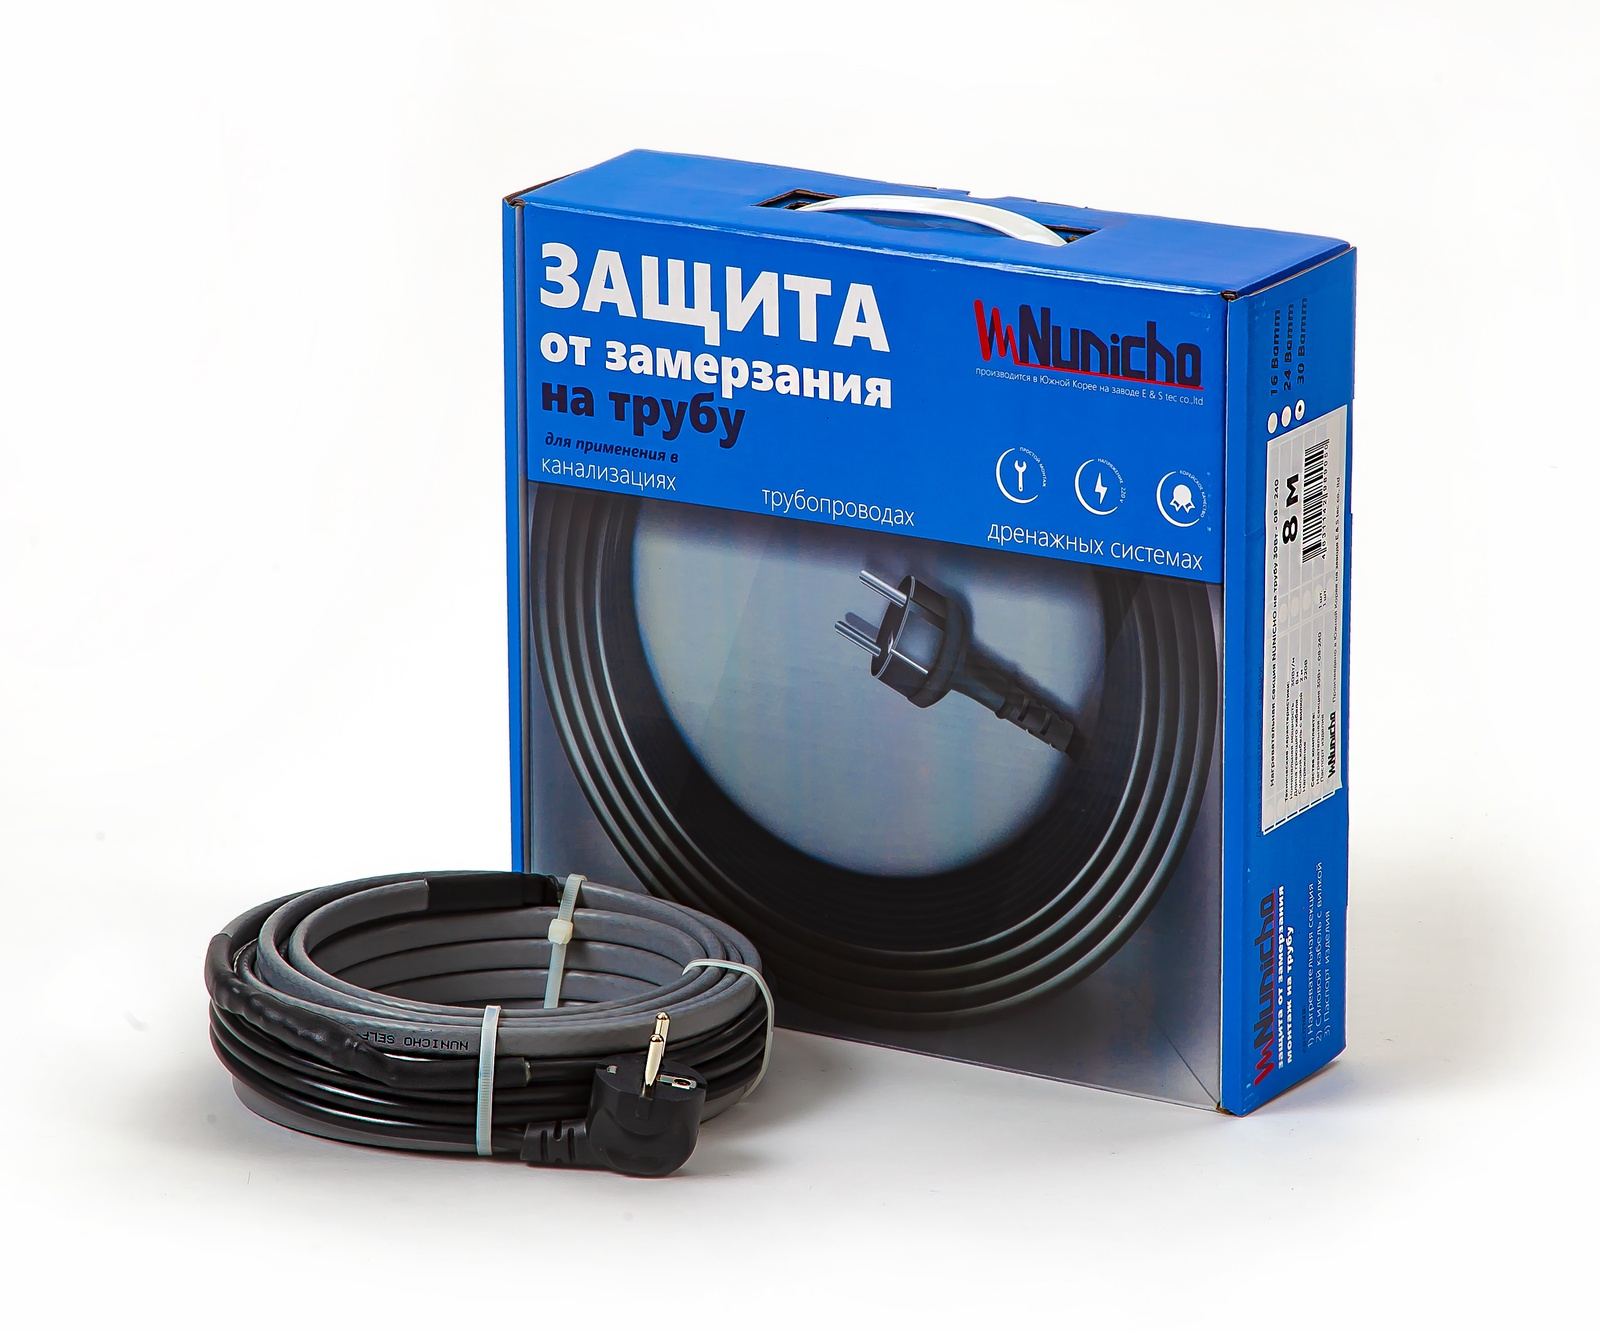 Готовый комплект греющего саморегулирующегося кабеля на трубу NUNICHO 30 Вт/м 6 метров Nunicho